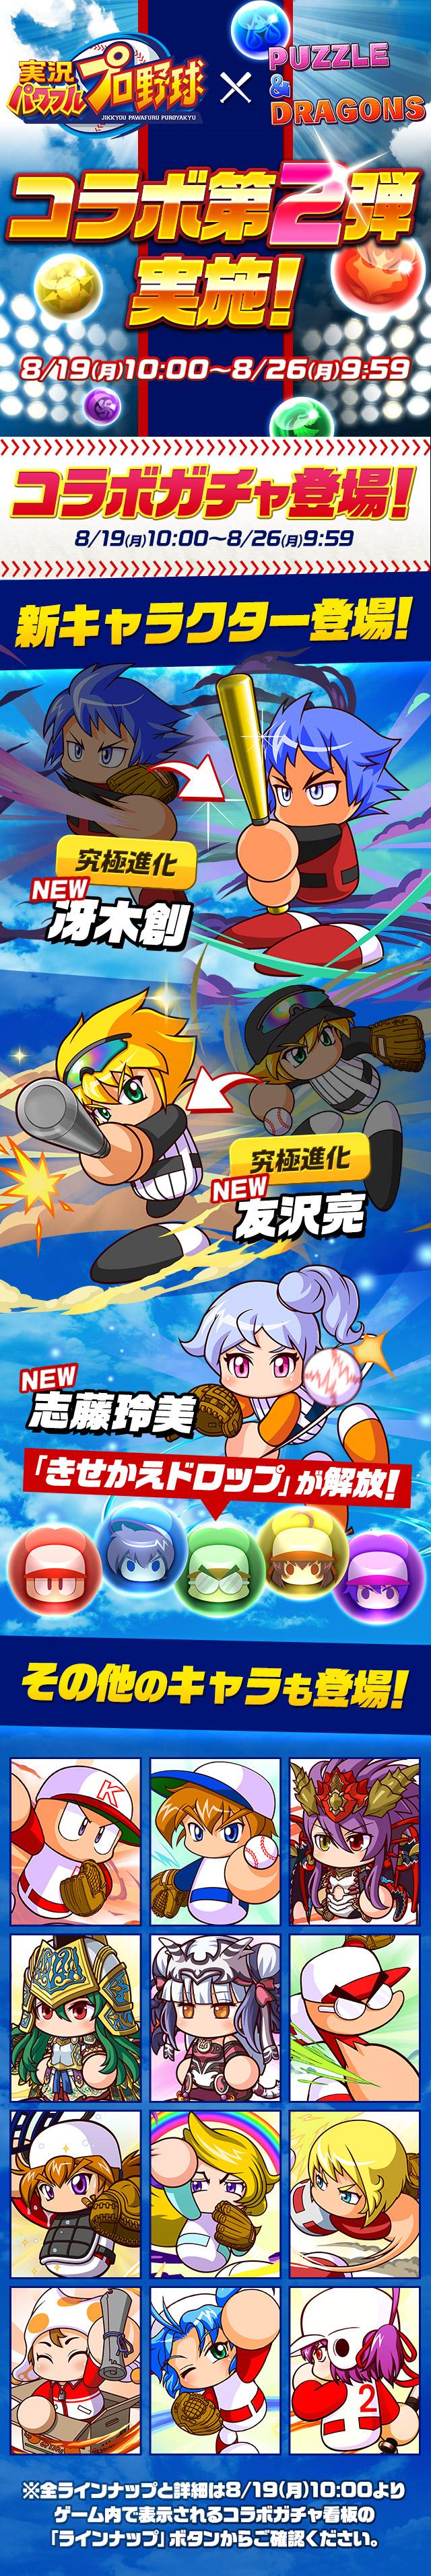 実況パワフルプロ野球×パズドラ コラボ第2弾実施!